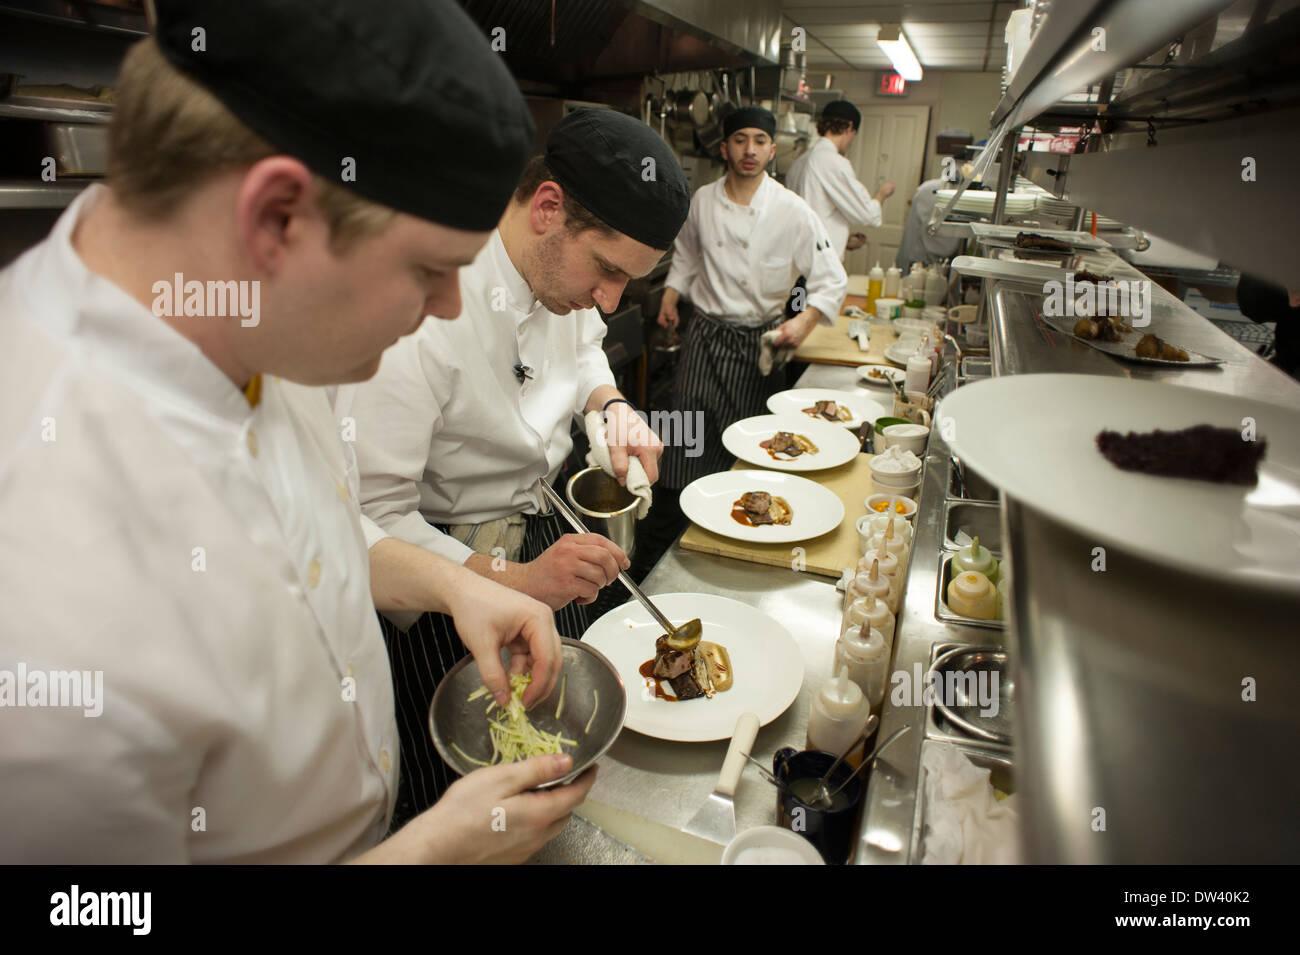 Busy Restaurant Kitchen chefs working in busy kitchen at sanford's restaurant in milwaukee